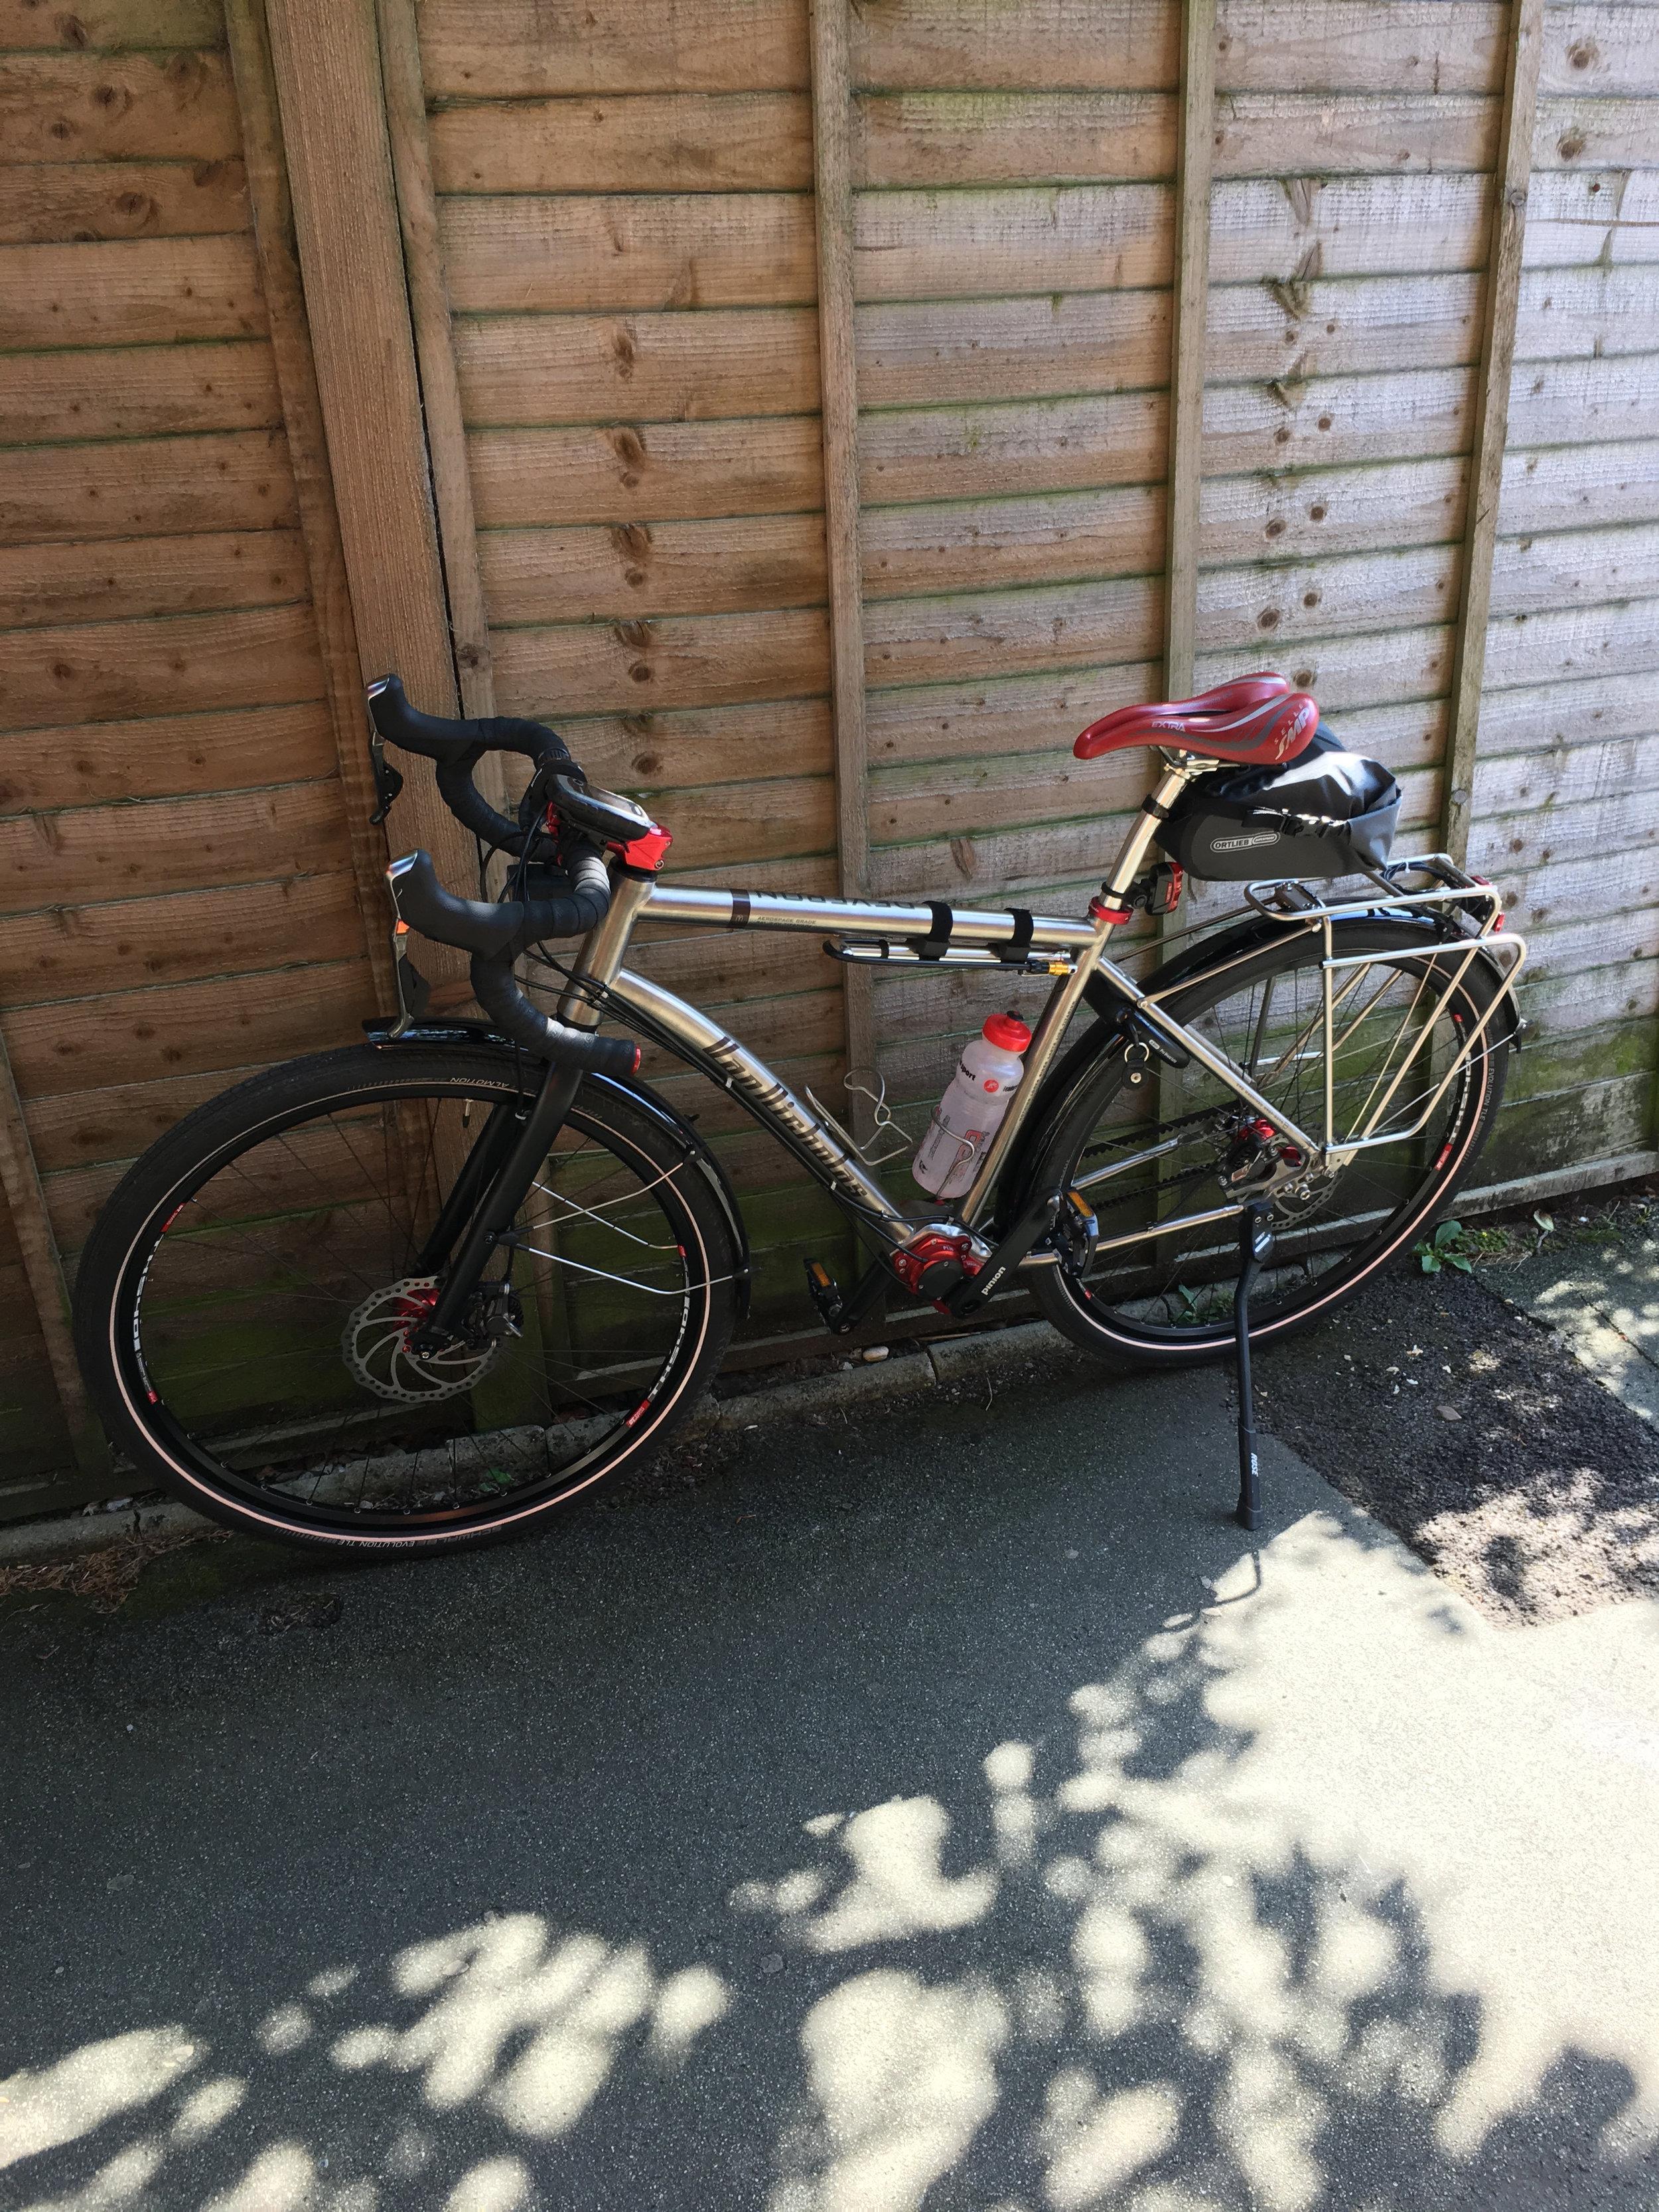 Simon's bike.